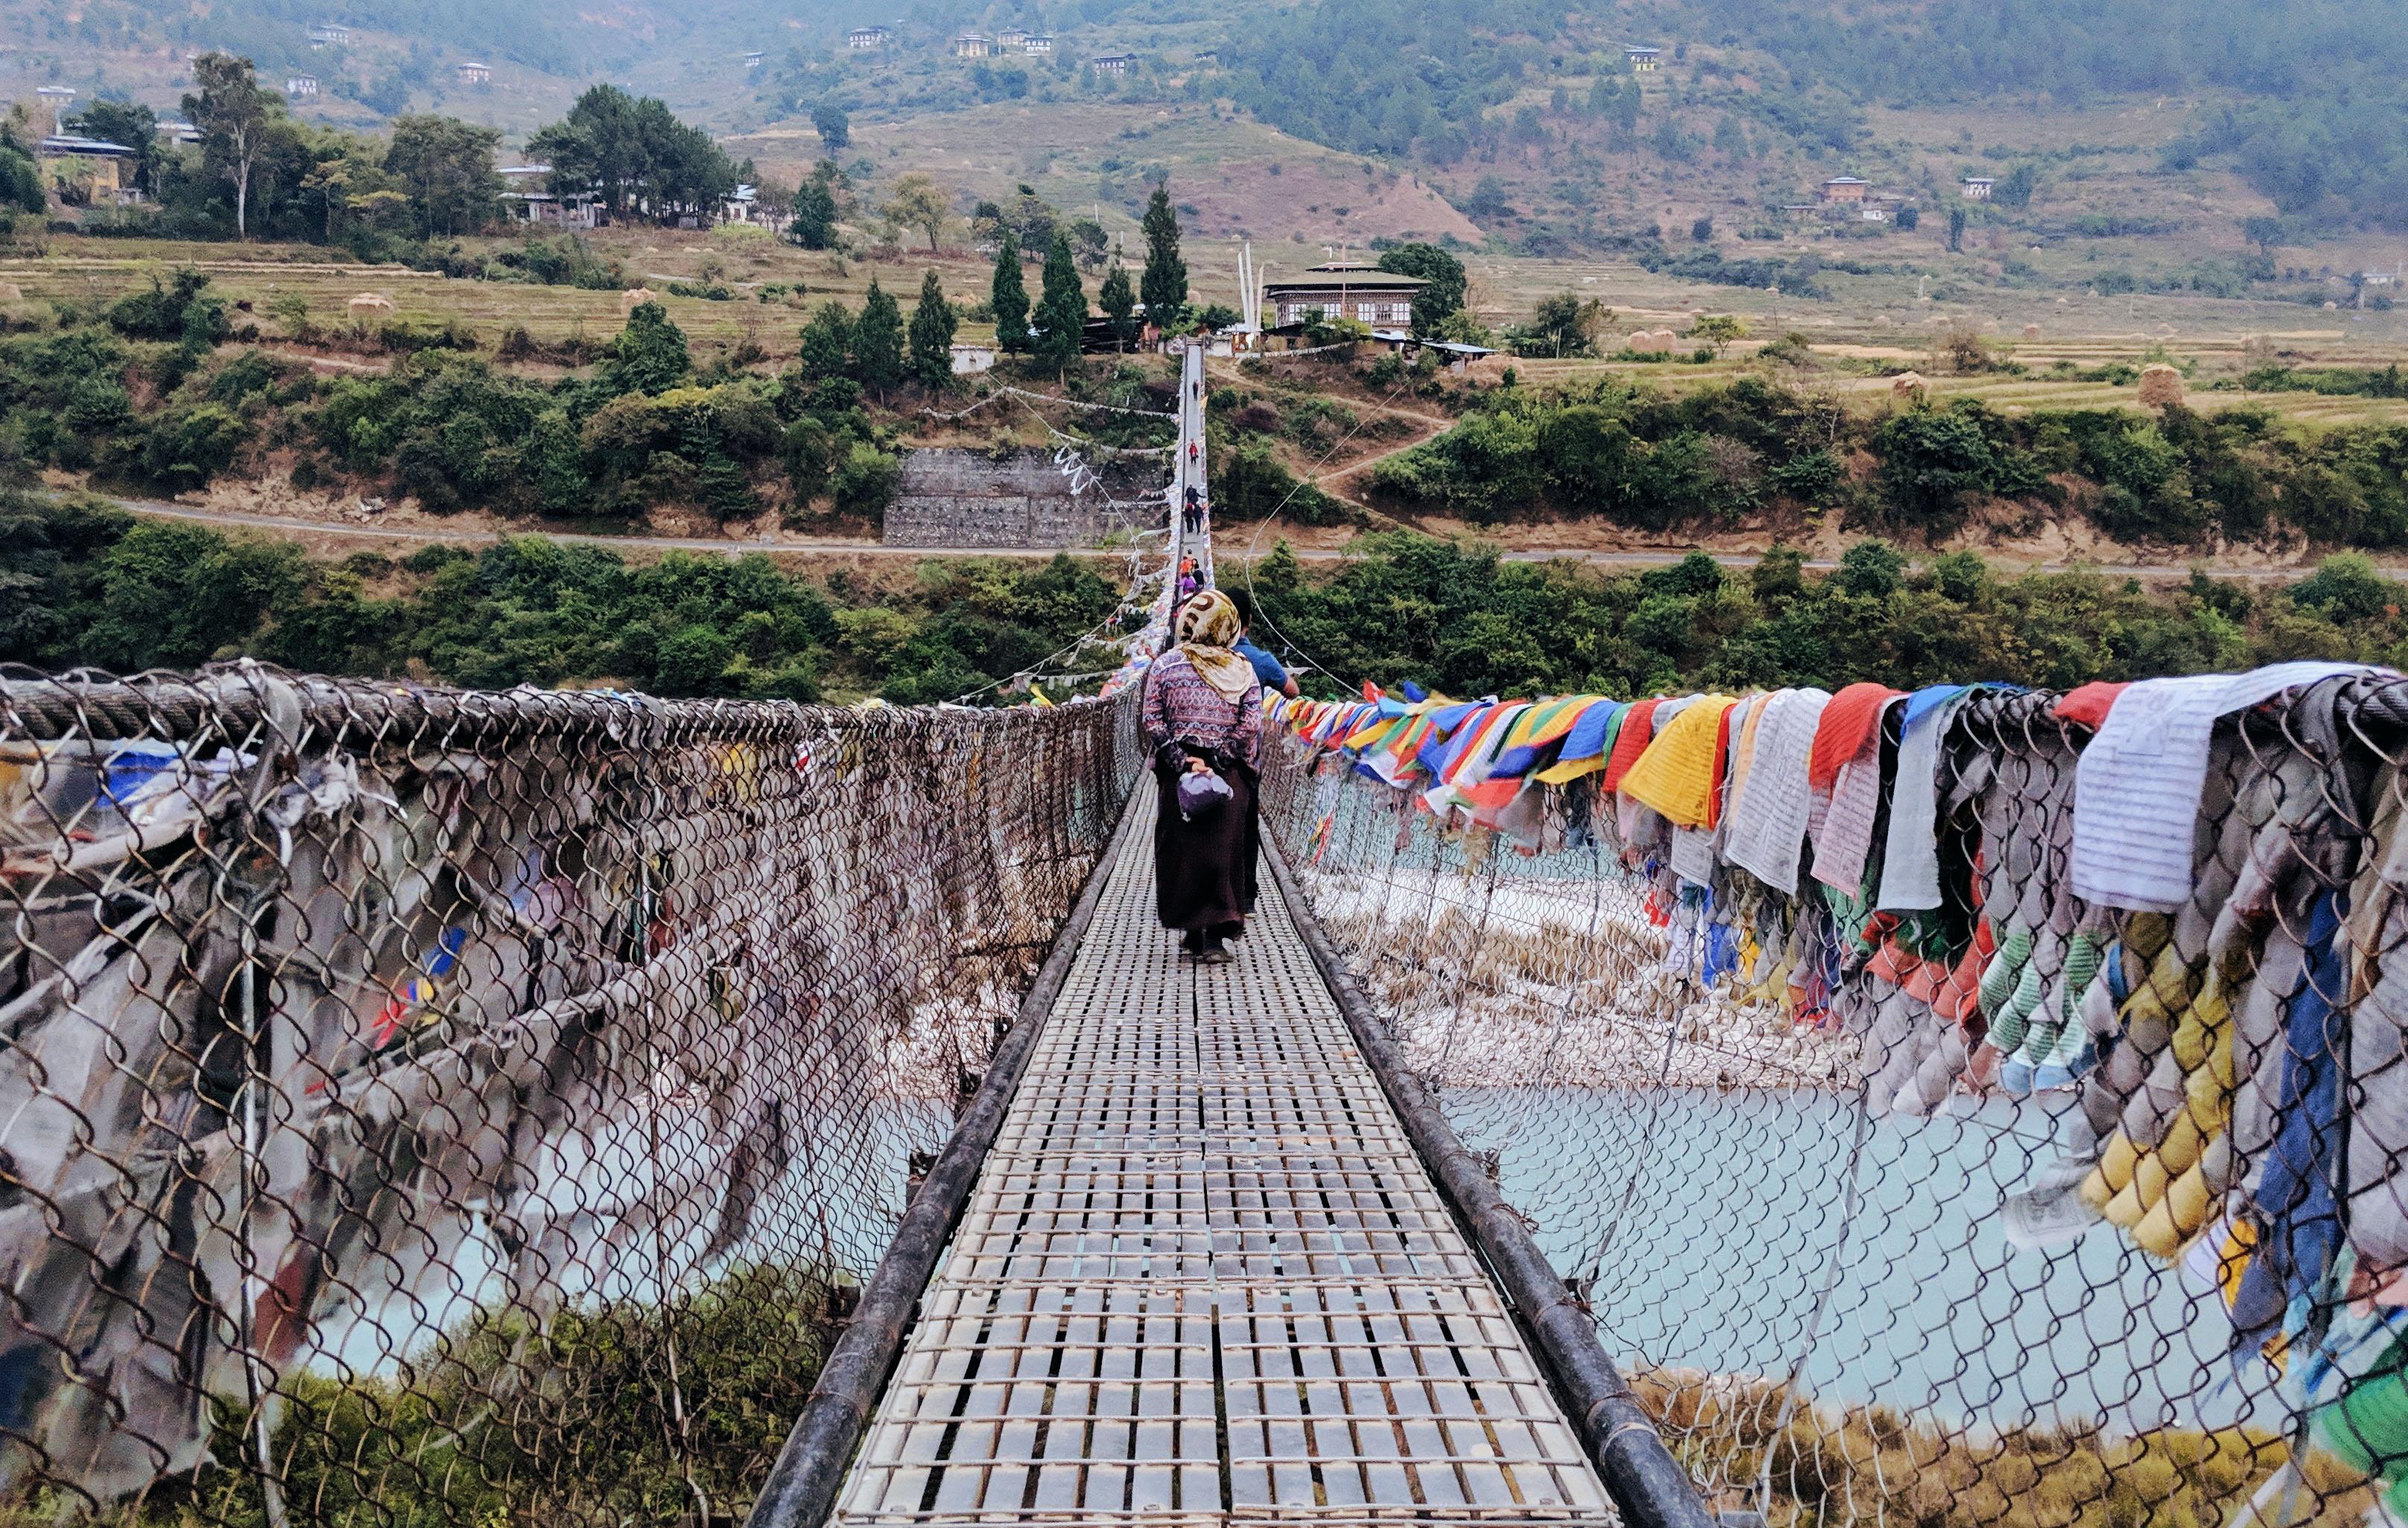 người đi trên cầu dây ở Bhutan